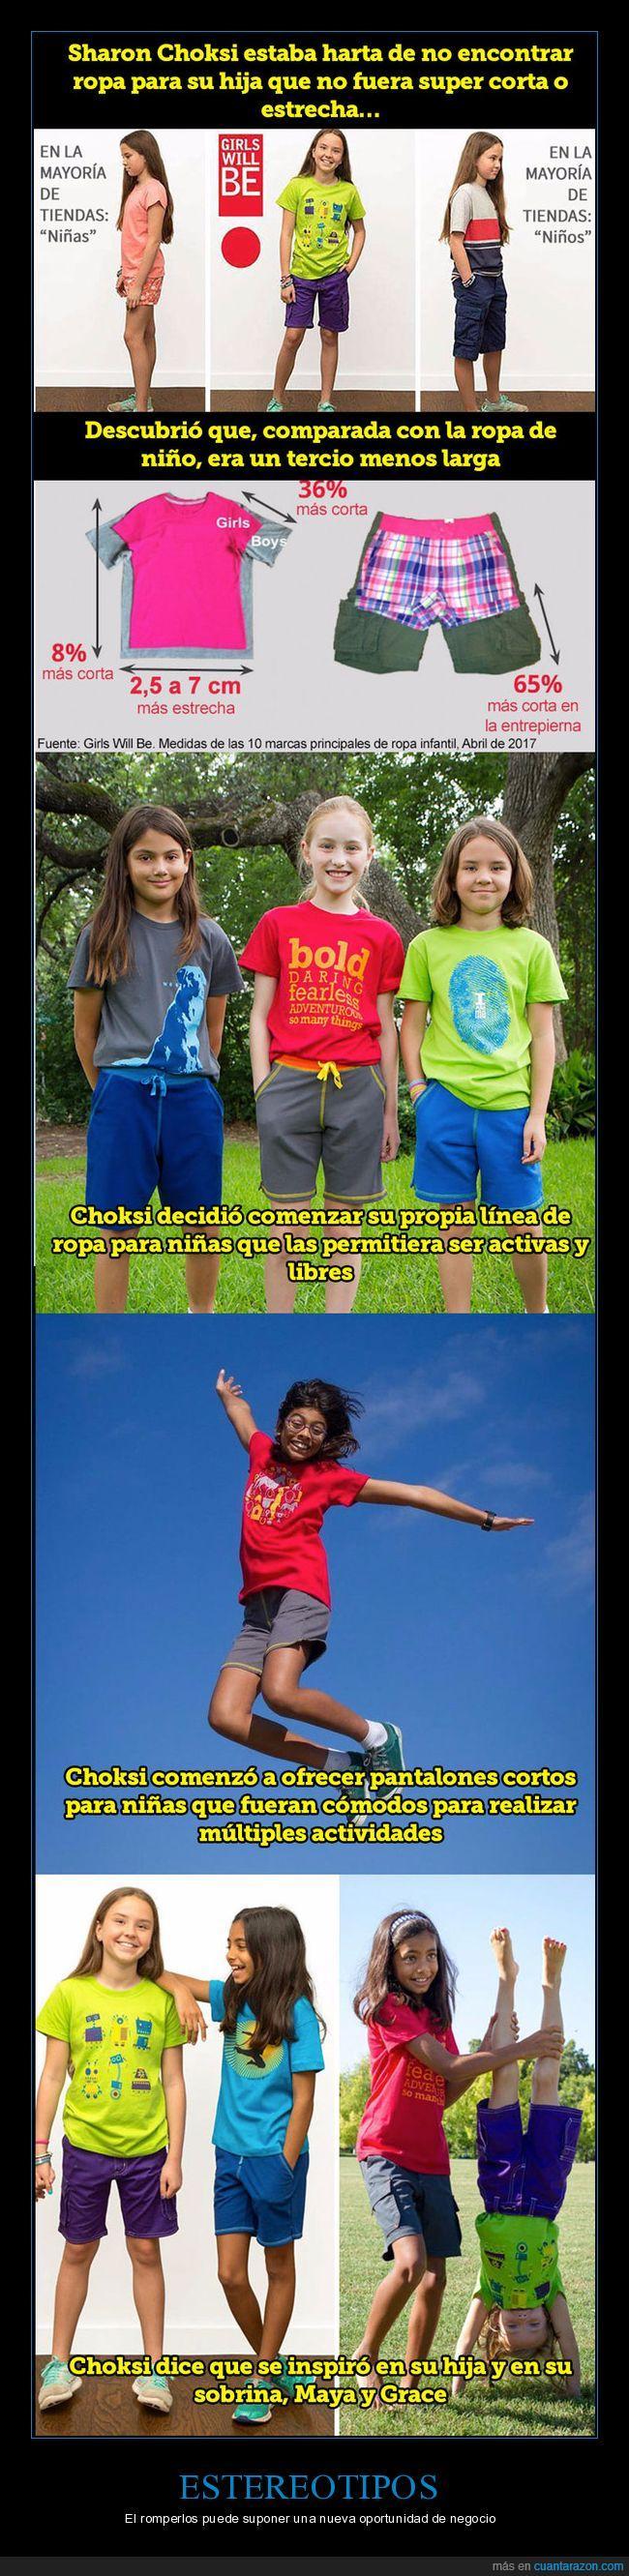 estereotipos,niñas,niños,ropa